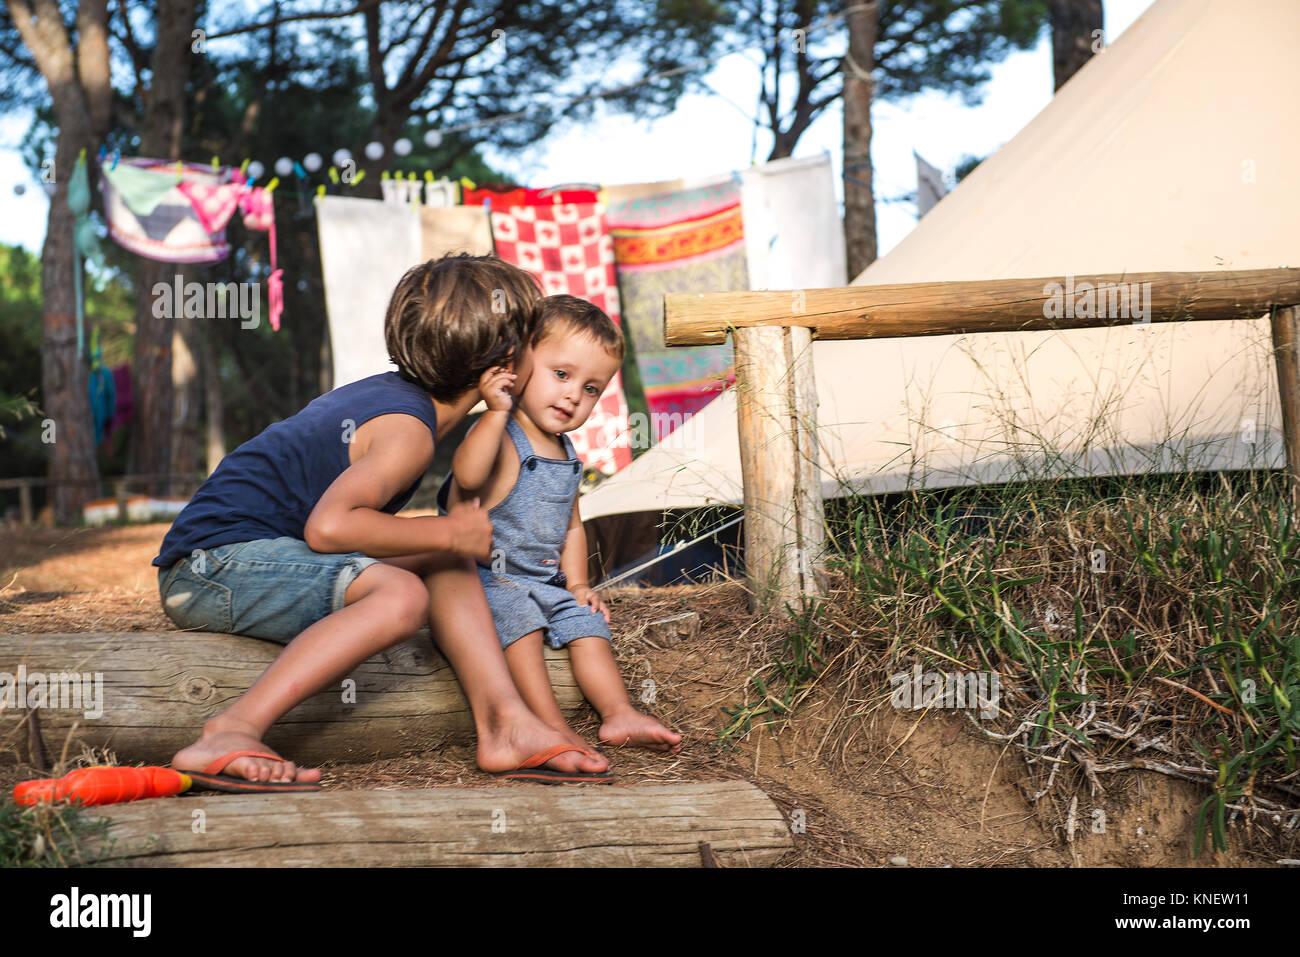 Männliche Kleinkind auf Backe durch seinen großen Bruder am Campingplatz küsste Stockbild